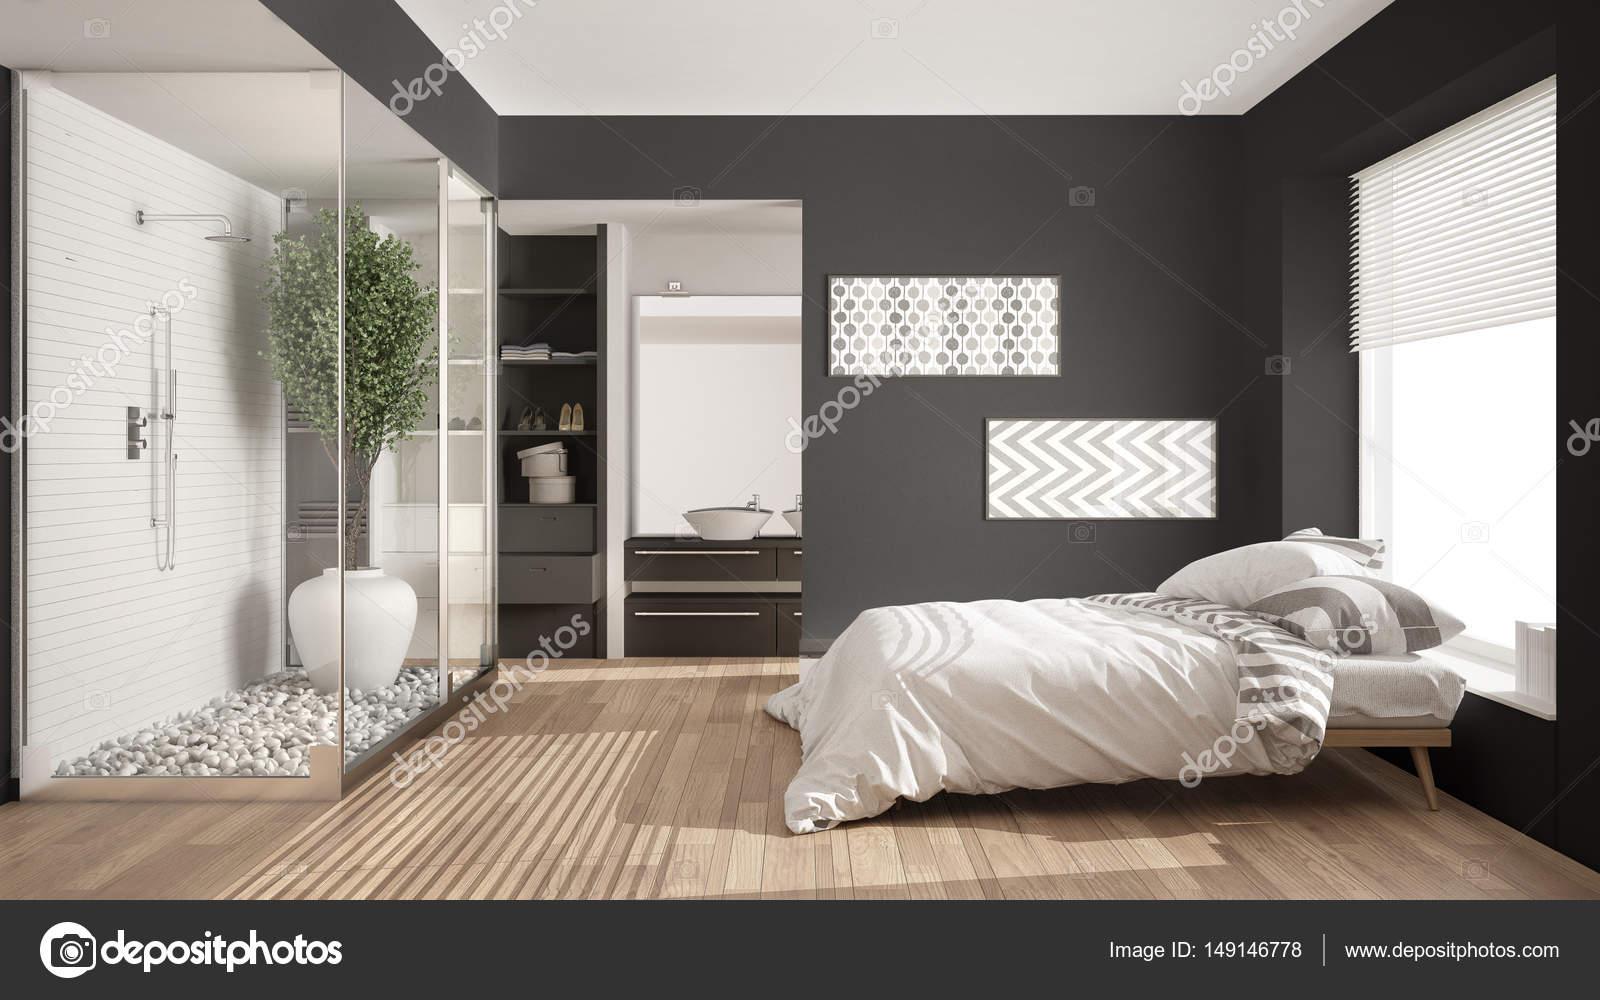 Minimalistische Schlafzimmer und Badezimmer mit Dusche und ...